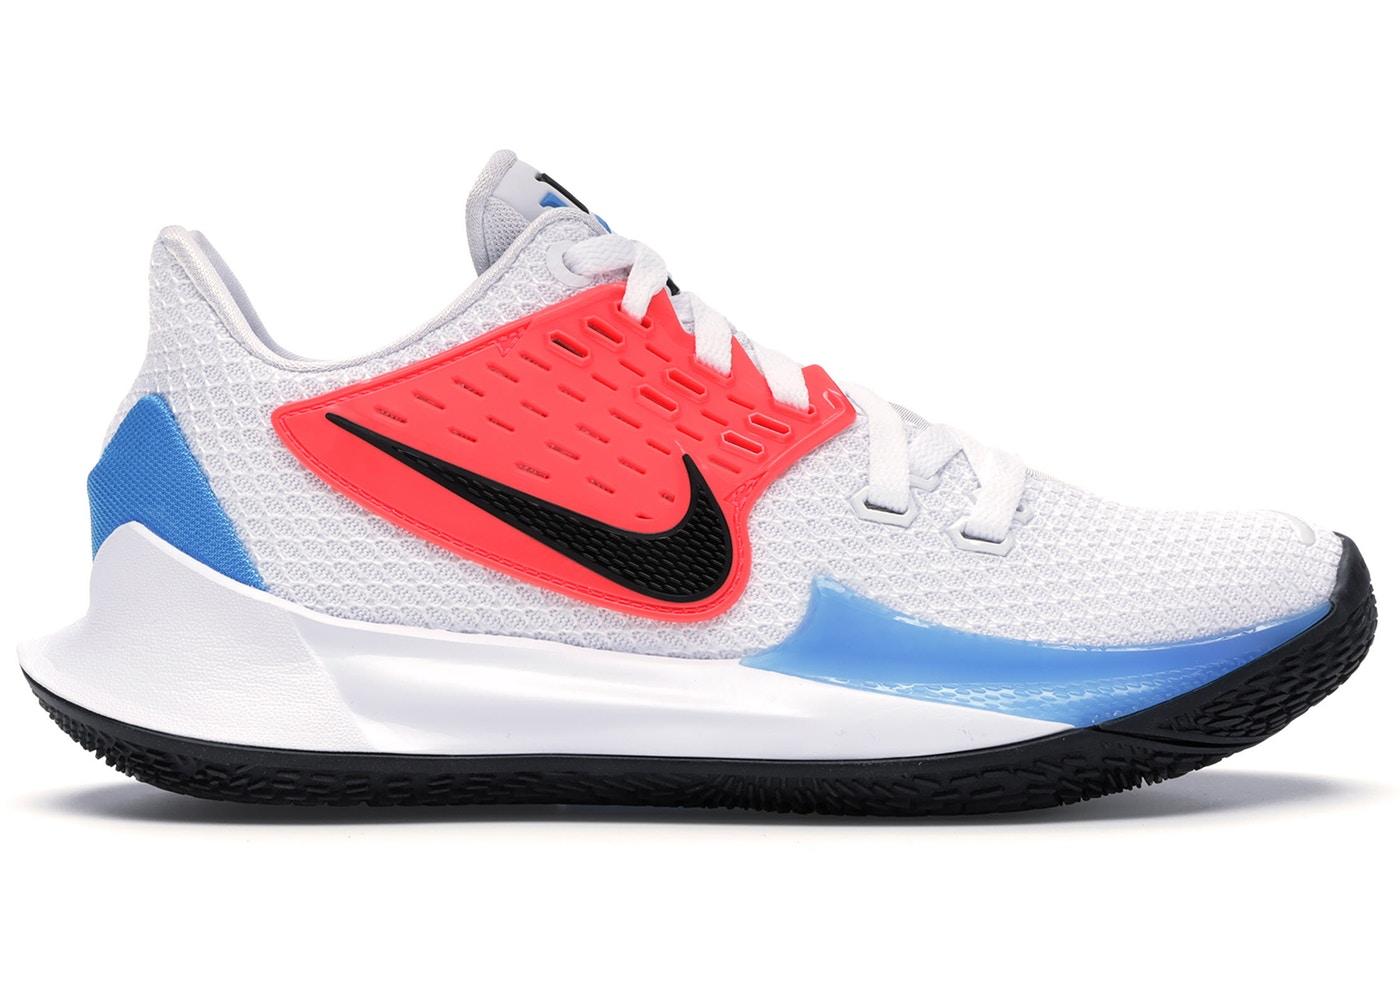 ナイキ メンズ カイリー2ロー Nike Kyrie Low 2 バッシュ White/Black/Blue Hero/Flash Crimson